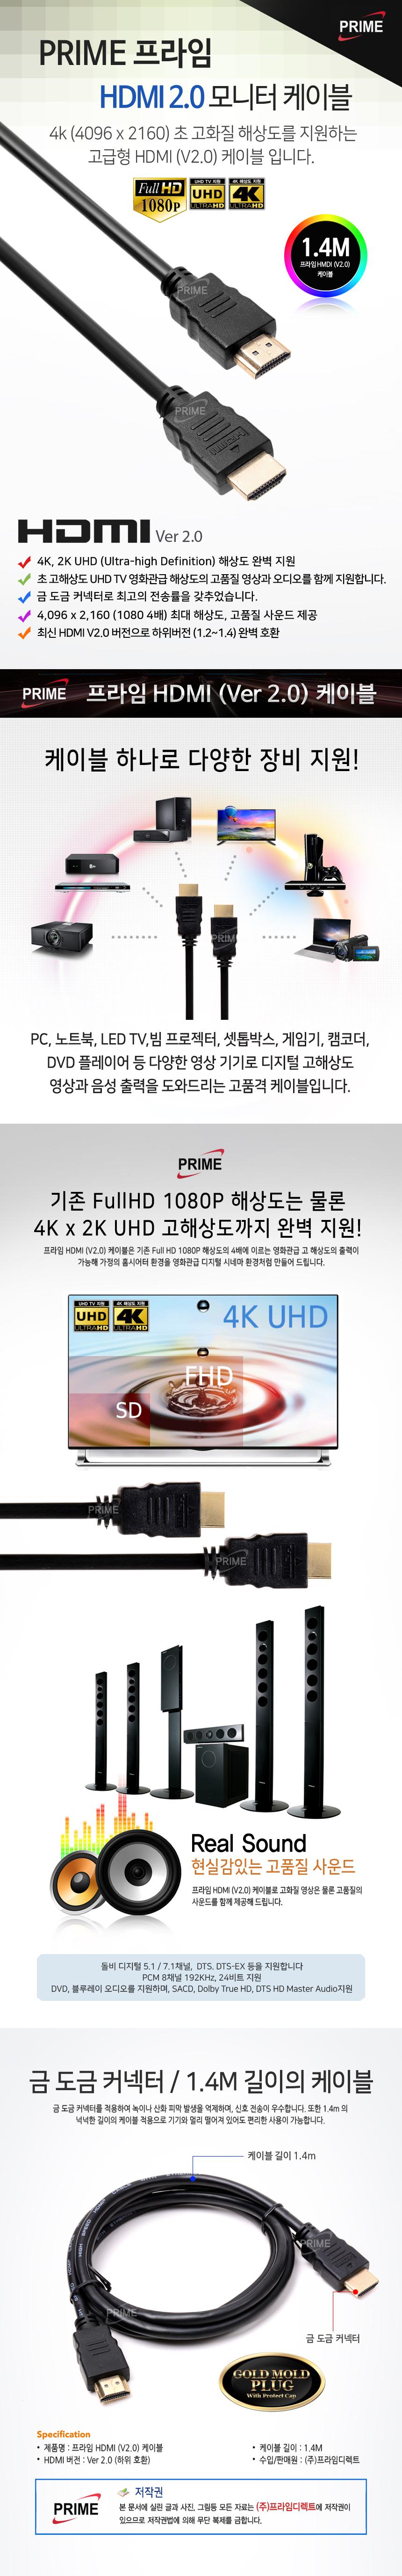 프라임디렉트  HDMI v2.0 고급형 골드 케이블(1.4m)